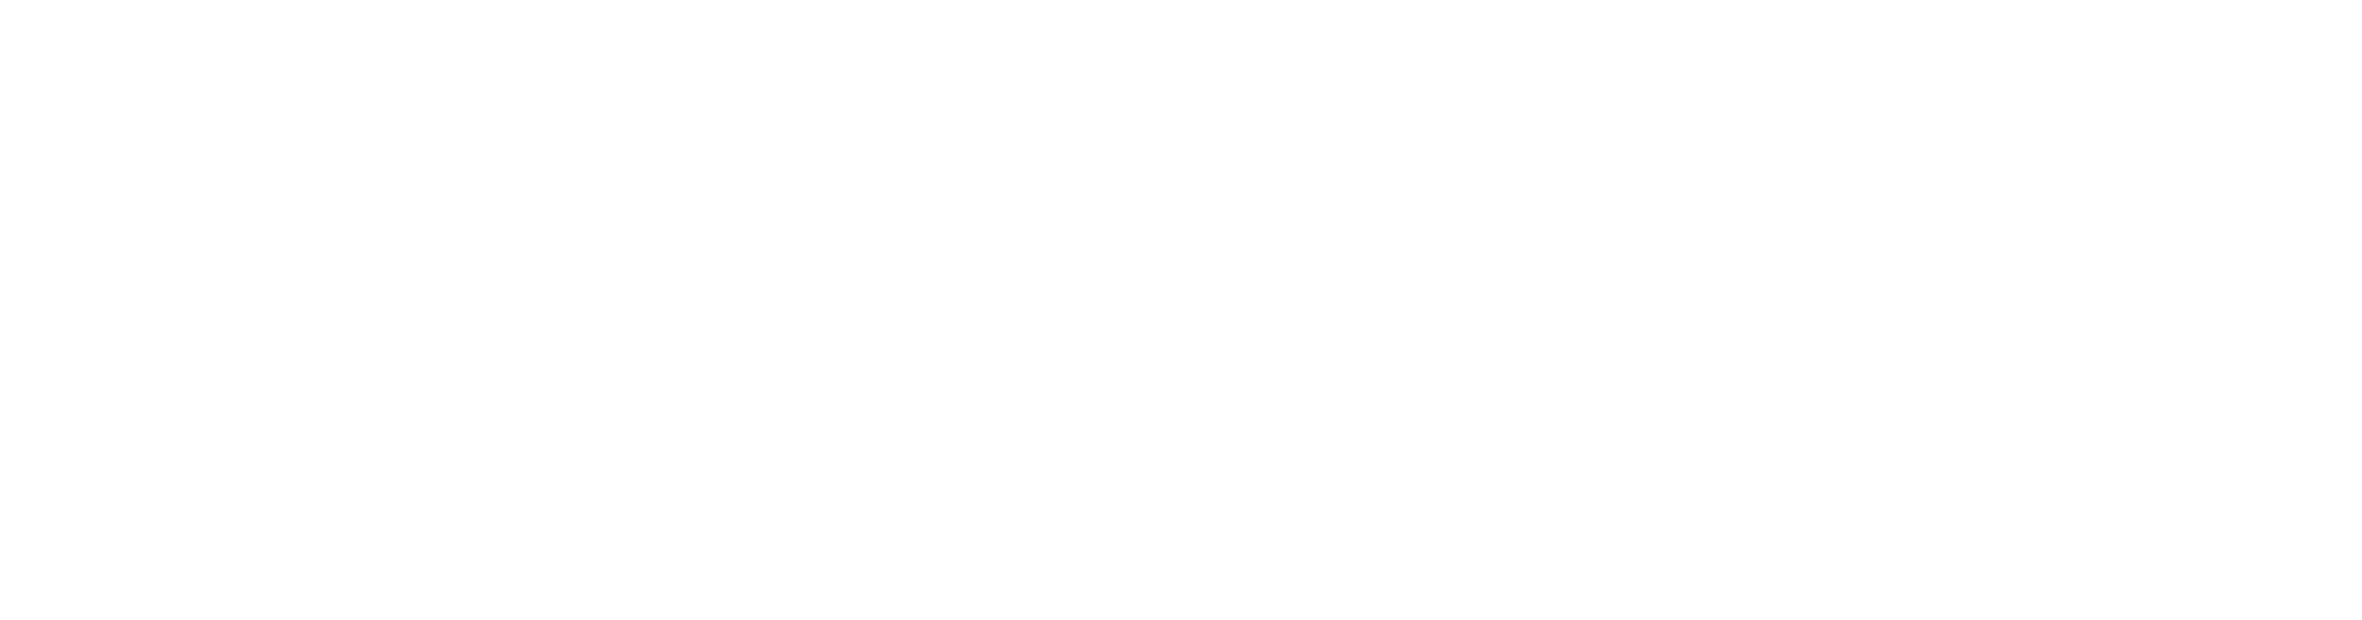 core content value